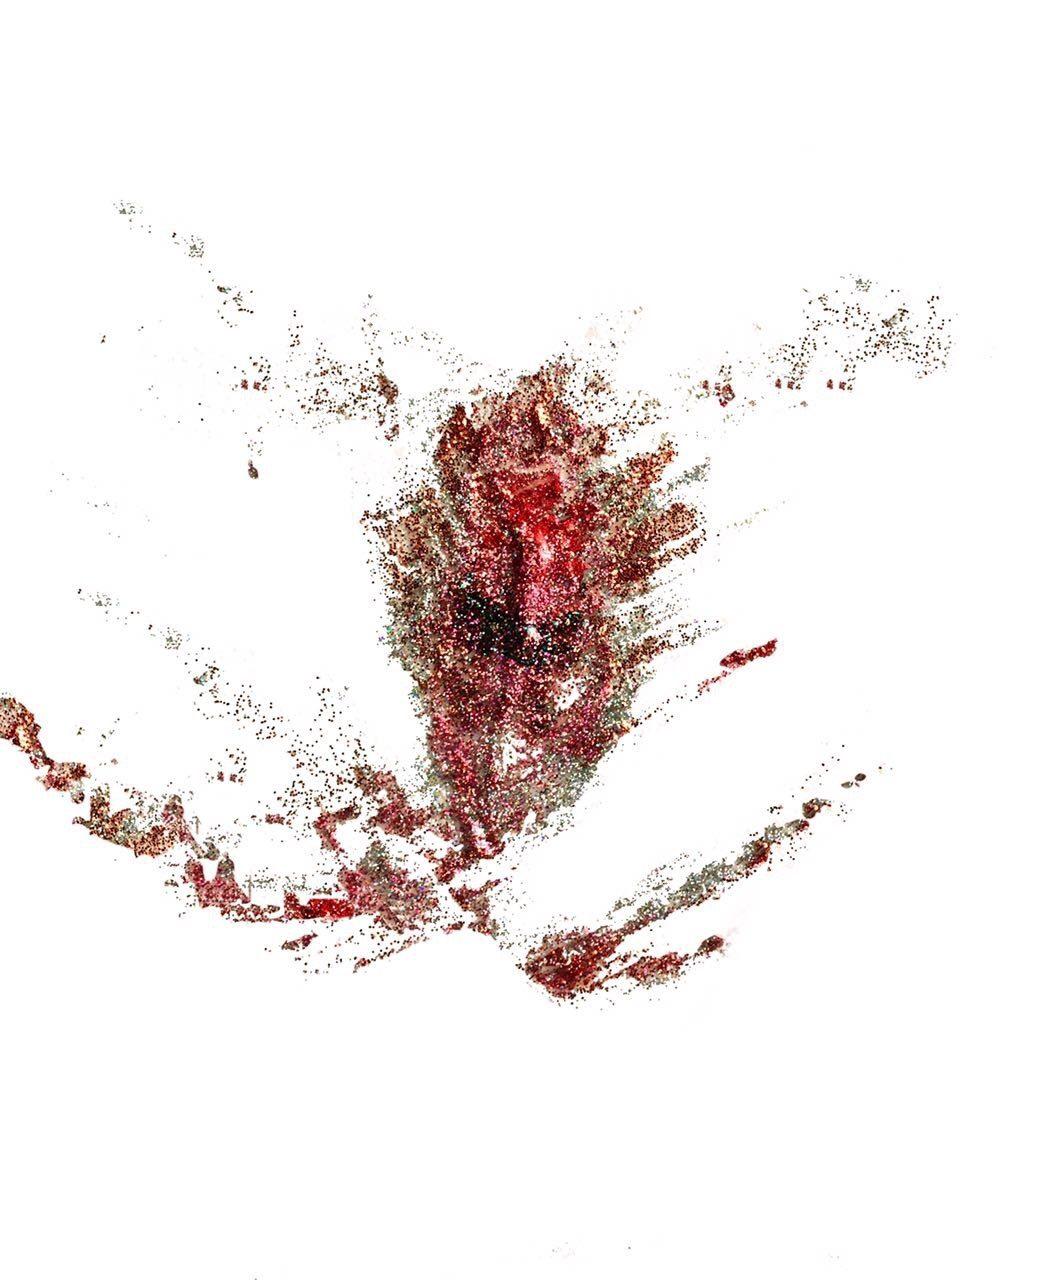 Vulva* Me! - Eine interaktive Vulva-Ausstellung - Vulvae